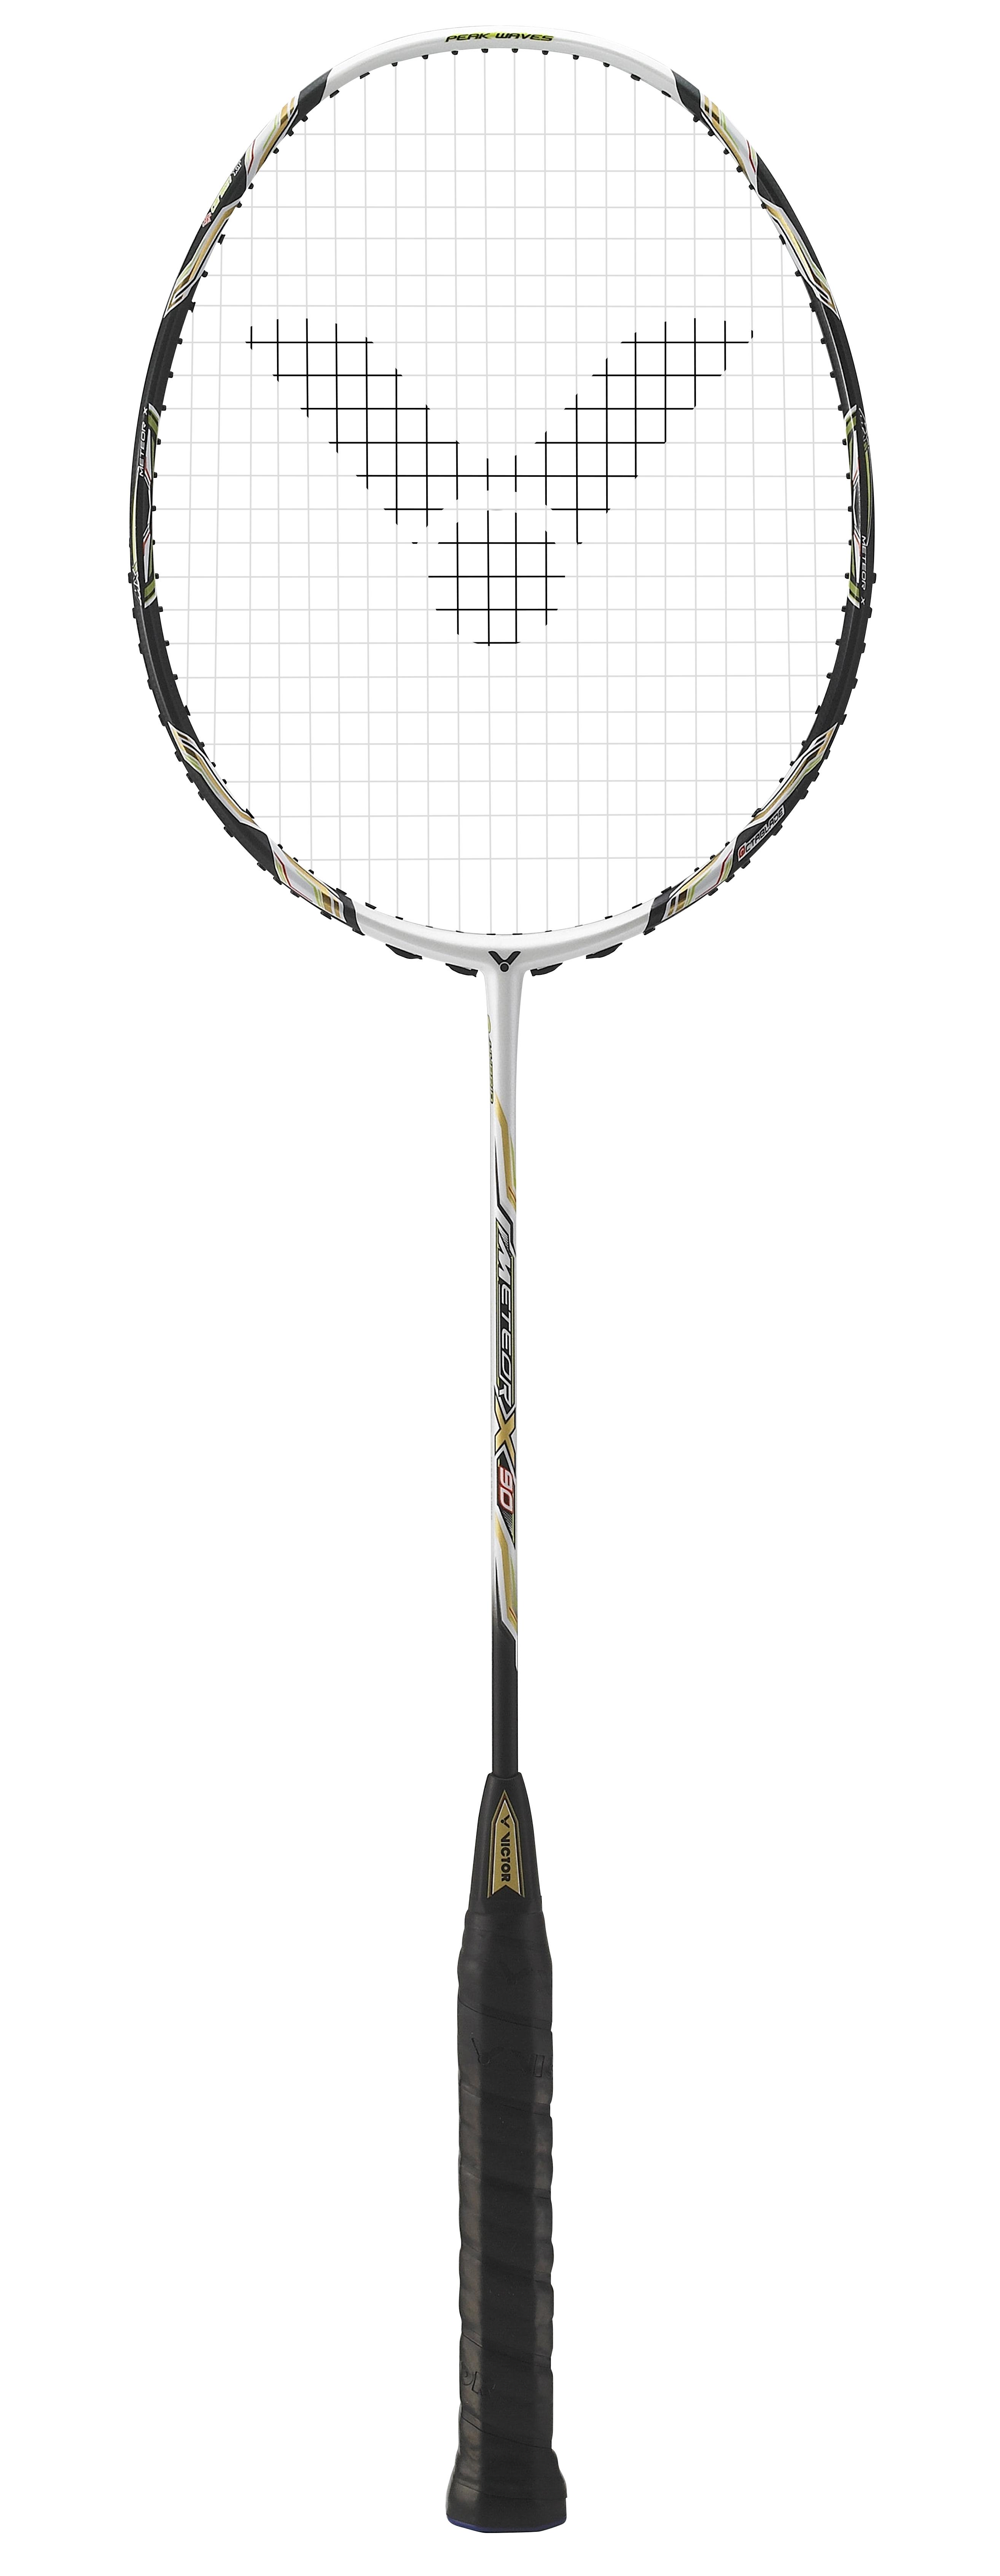 Victor Meteor X 90 Racchetta Badminton Racchetta Da Badminton Racchetta - meteor - ebay.it